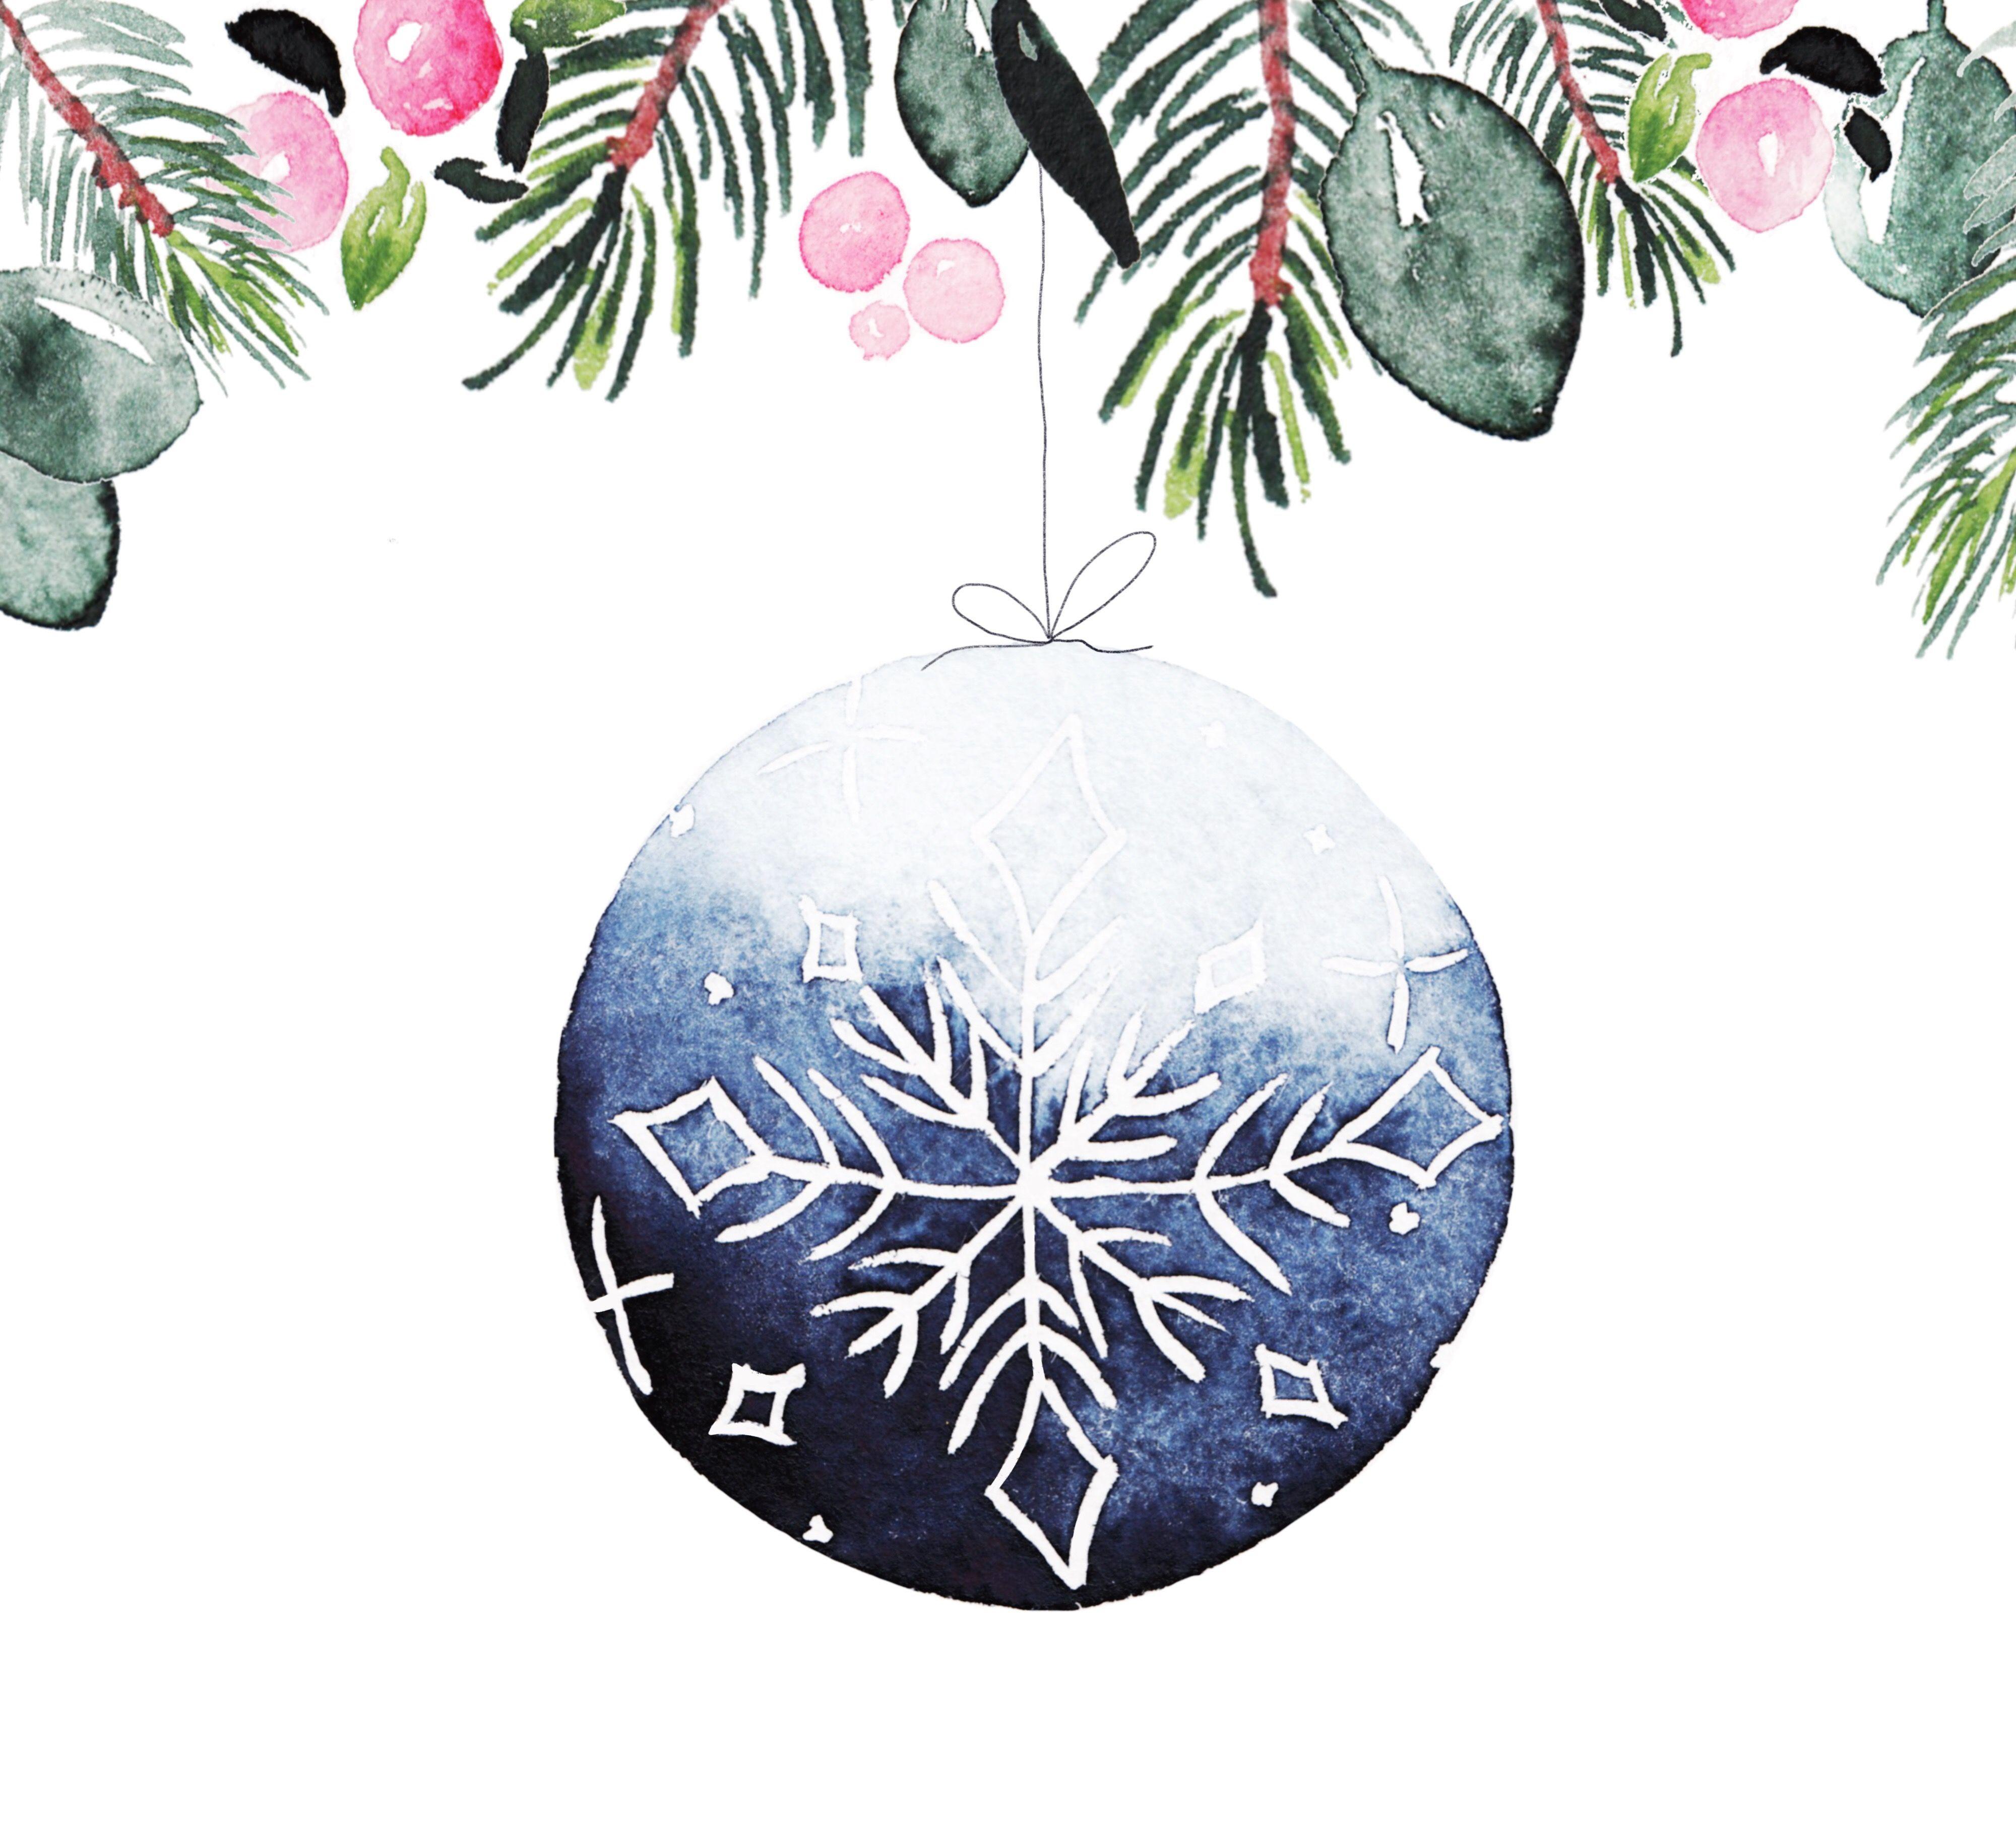 Aquarell Weihnachten Bild Von Lilly Auf Weihnachten Aquarell